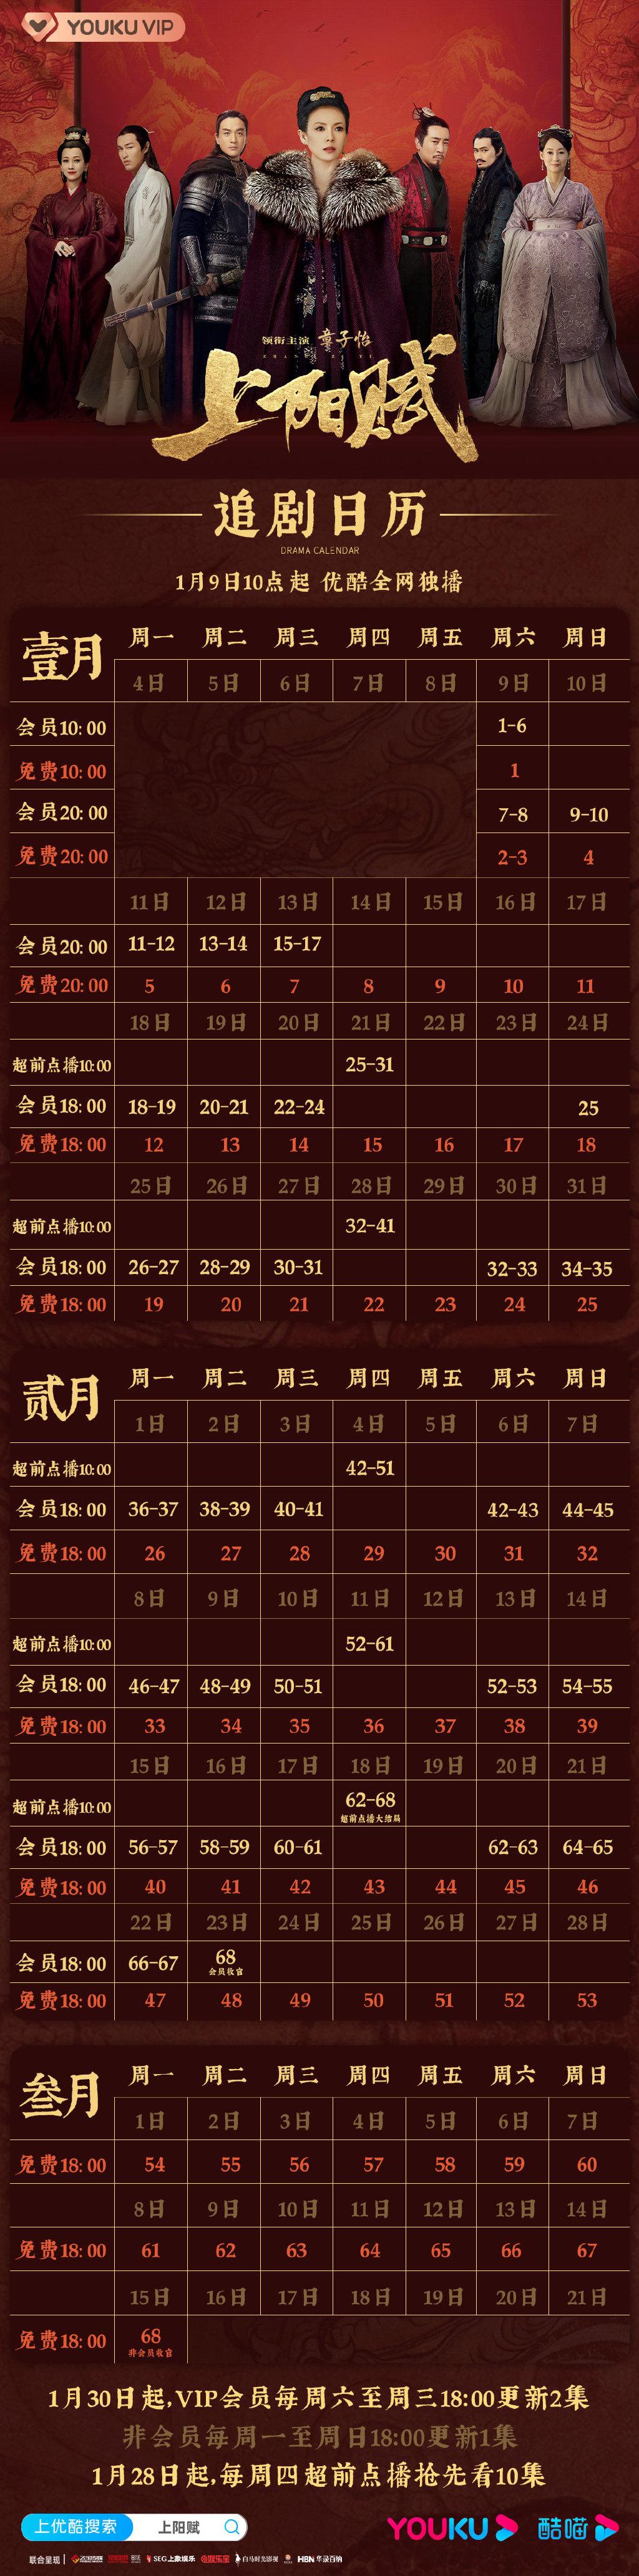 章子怡《上阳赋》加更,2月18日超前点播大结局